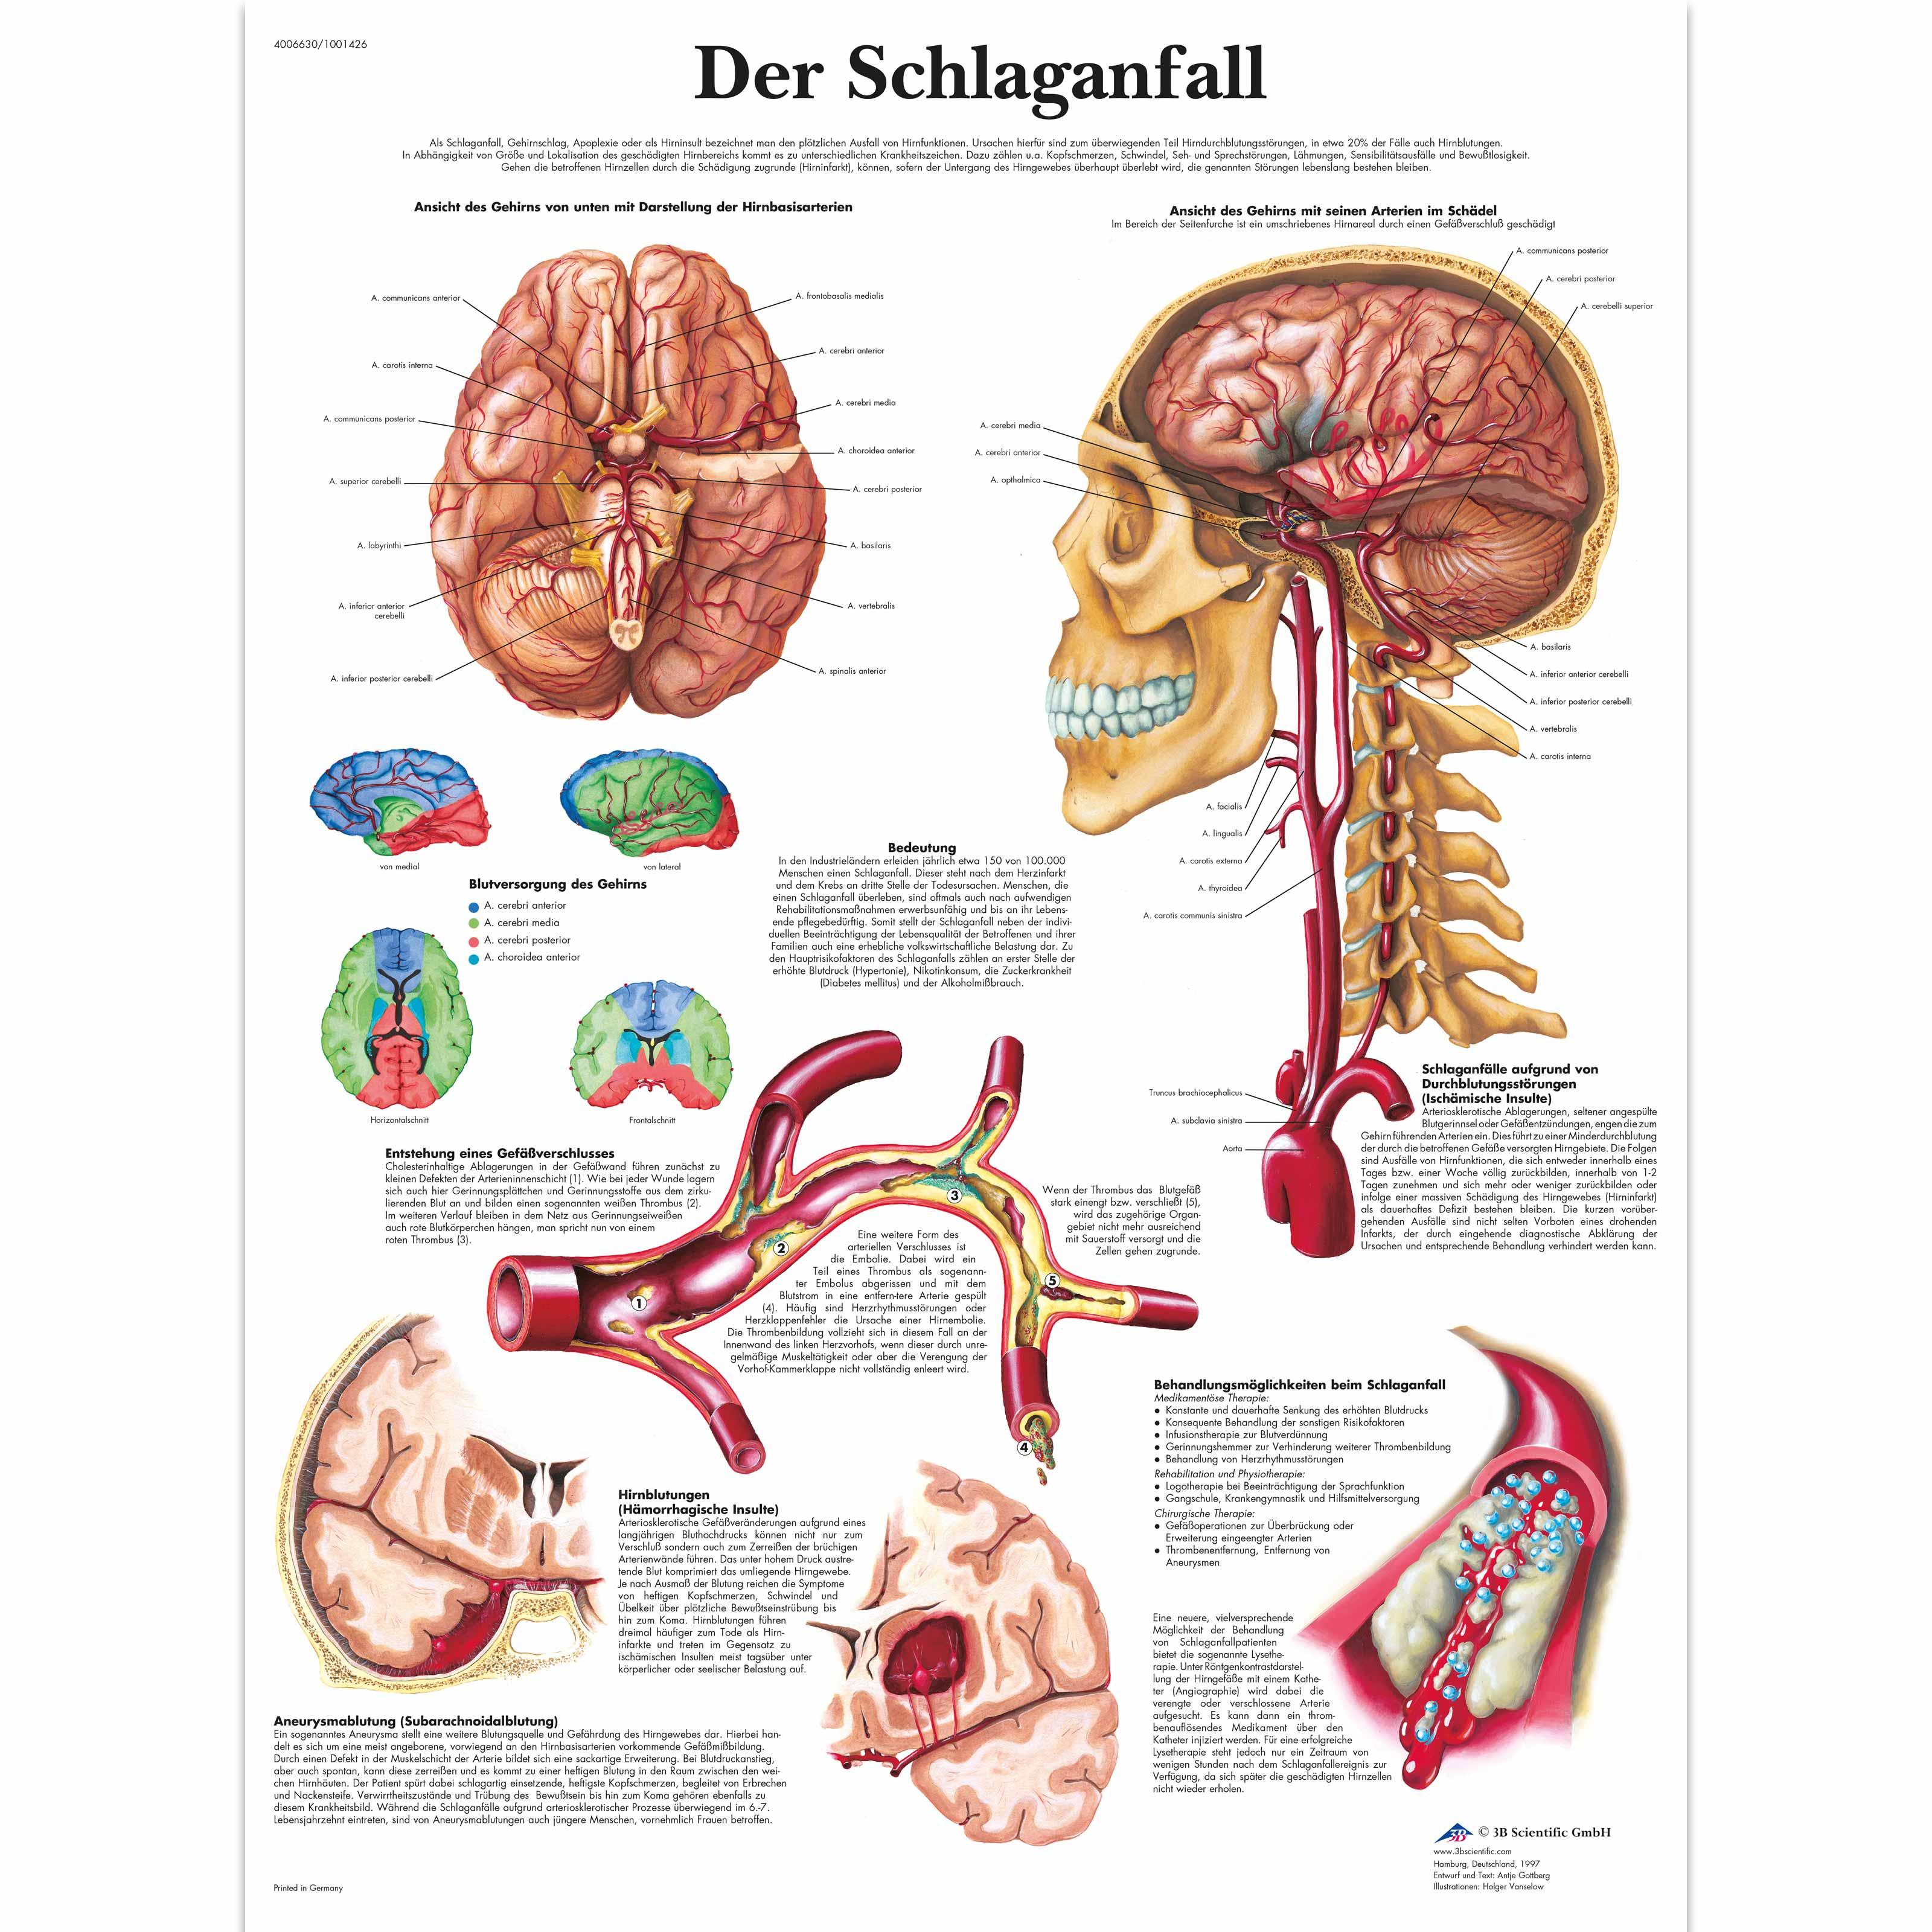 Schlaganfall - 1001426 - VR0627L - Cardiovascular System - 3B Scientific